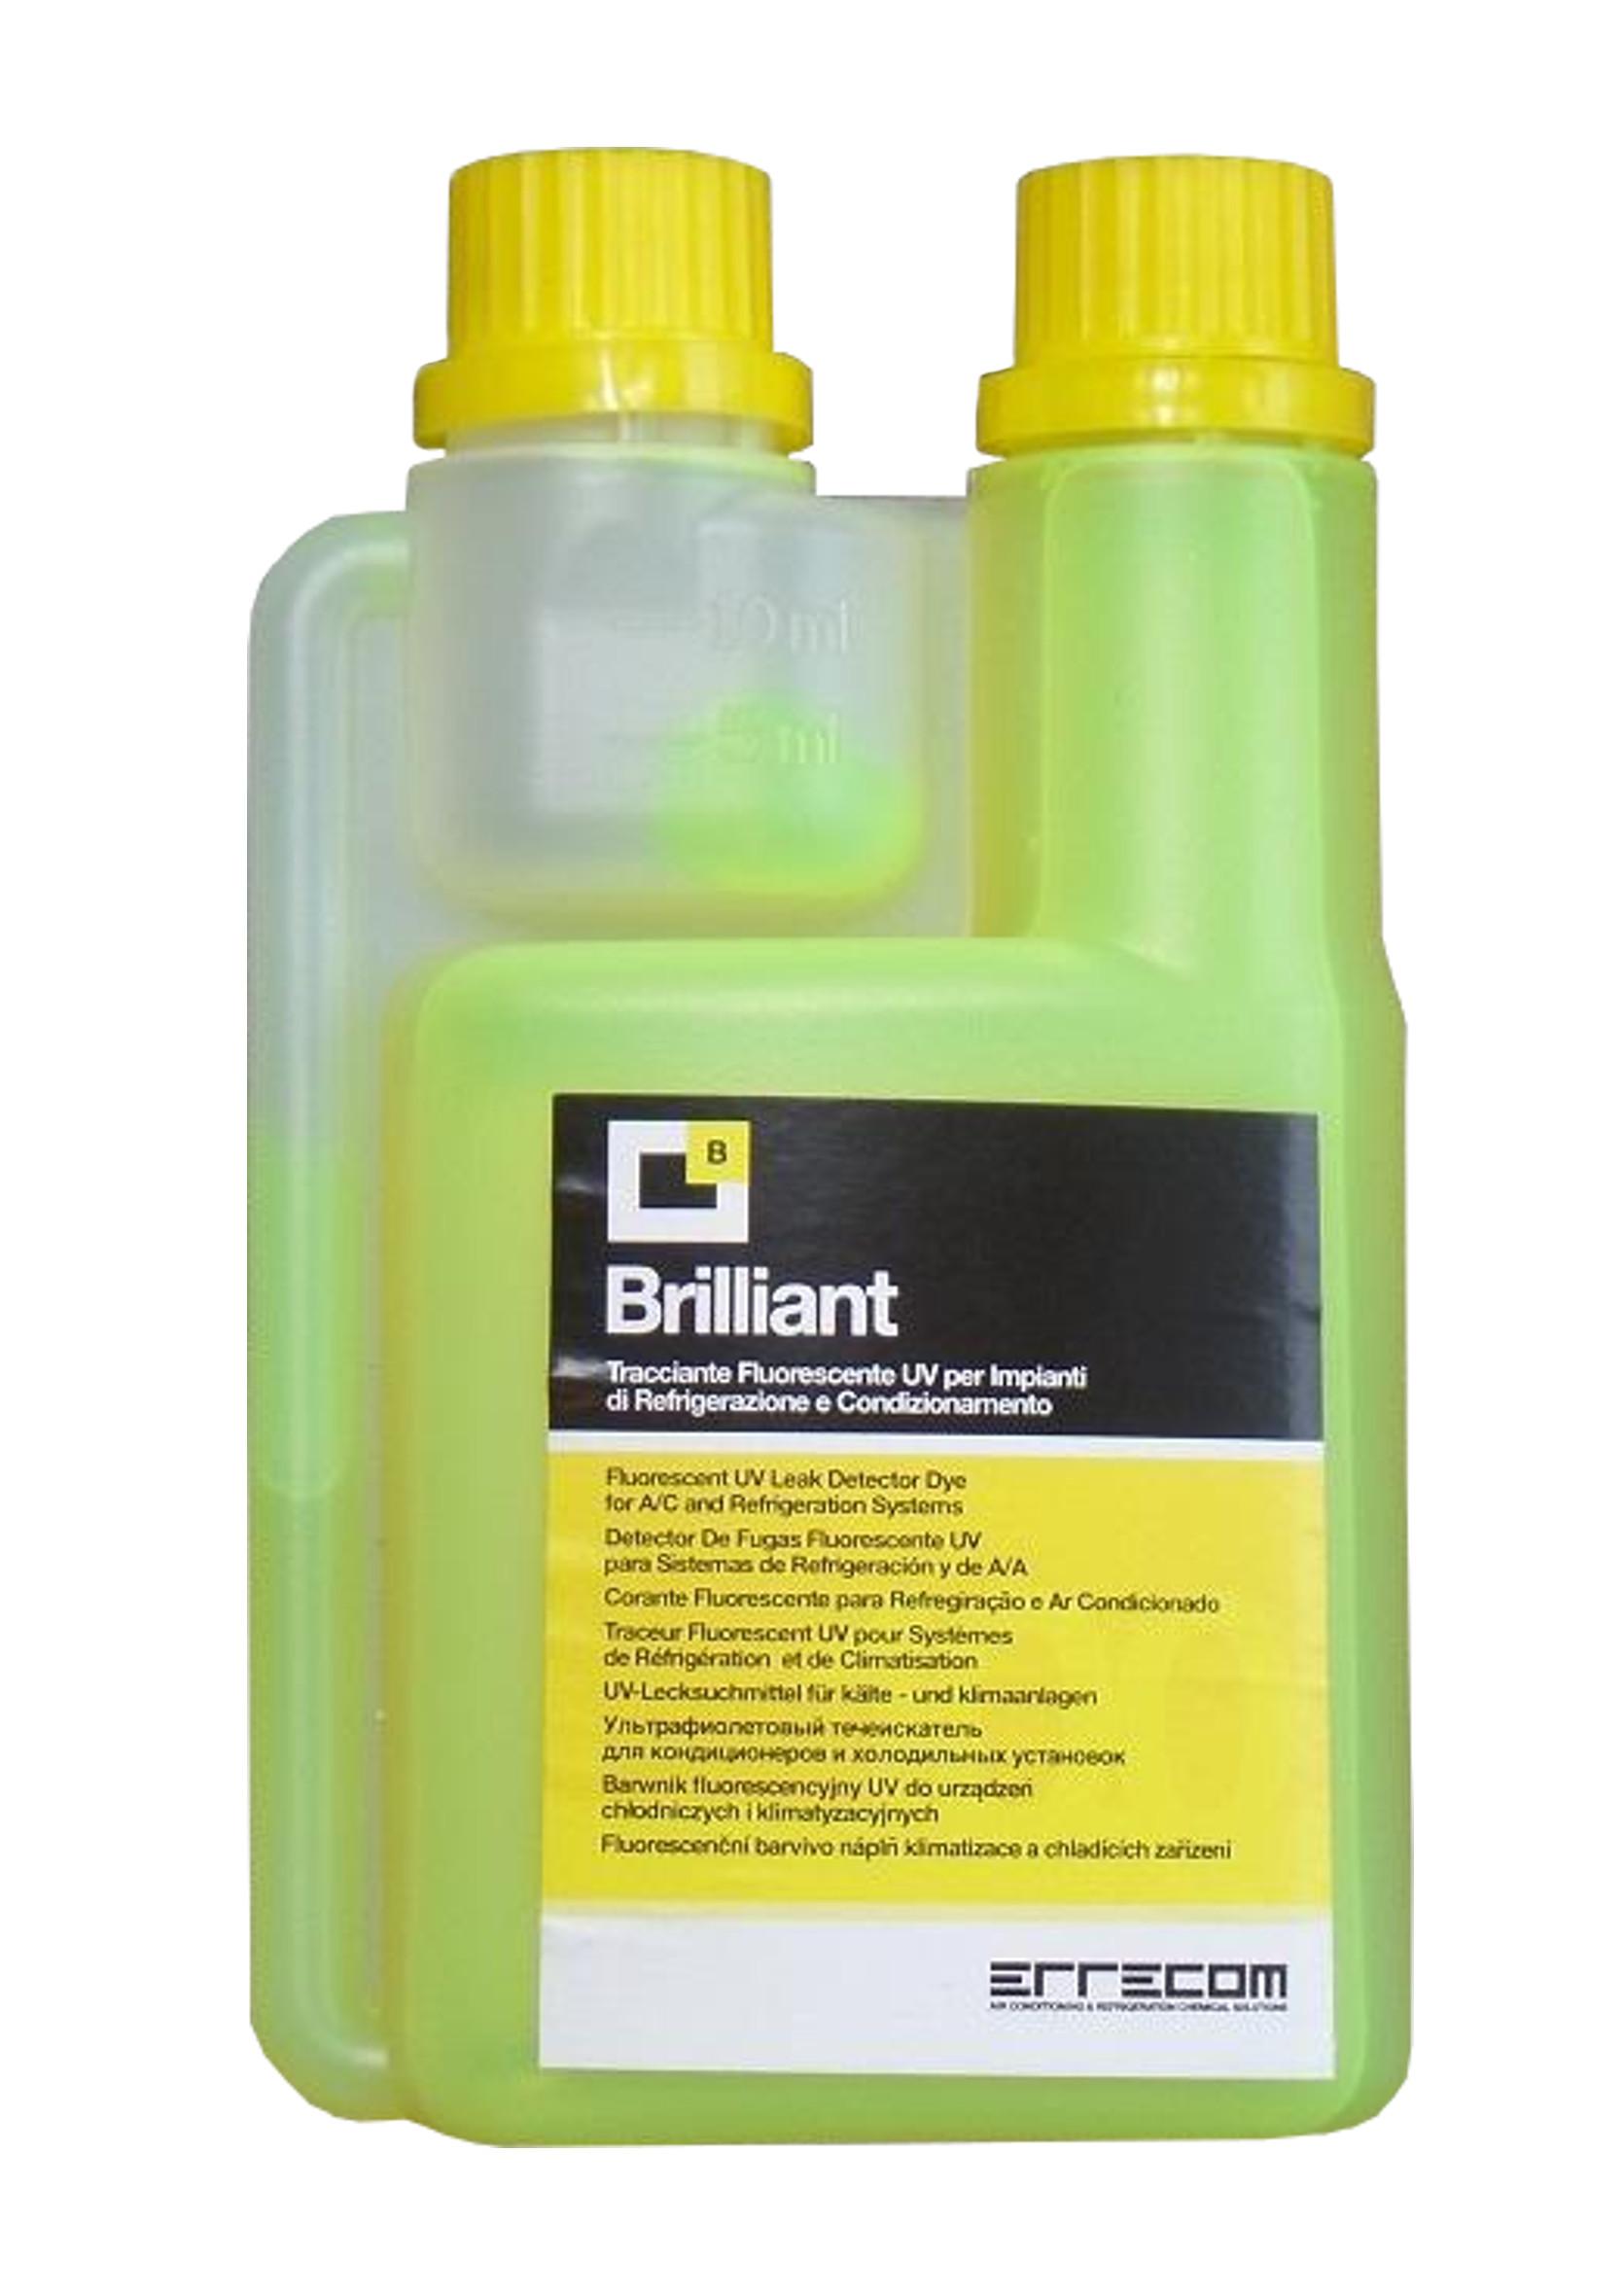 Errecom Brilliant 250ml Fluorescencyjny Barwnik UV do Klimatyzacji Kontrast